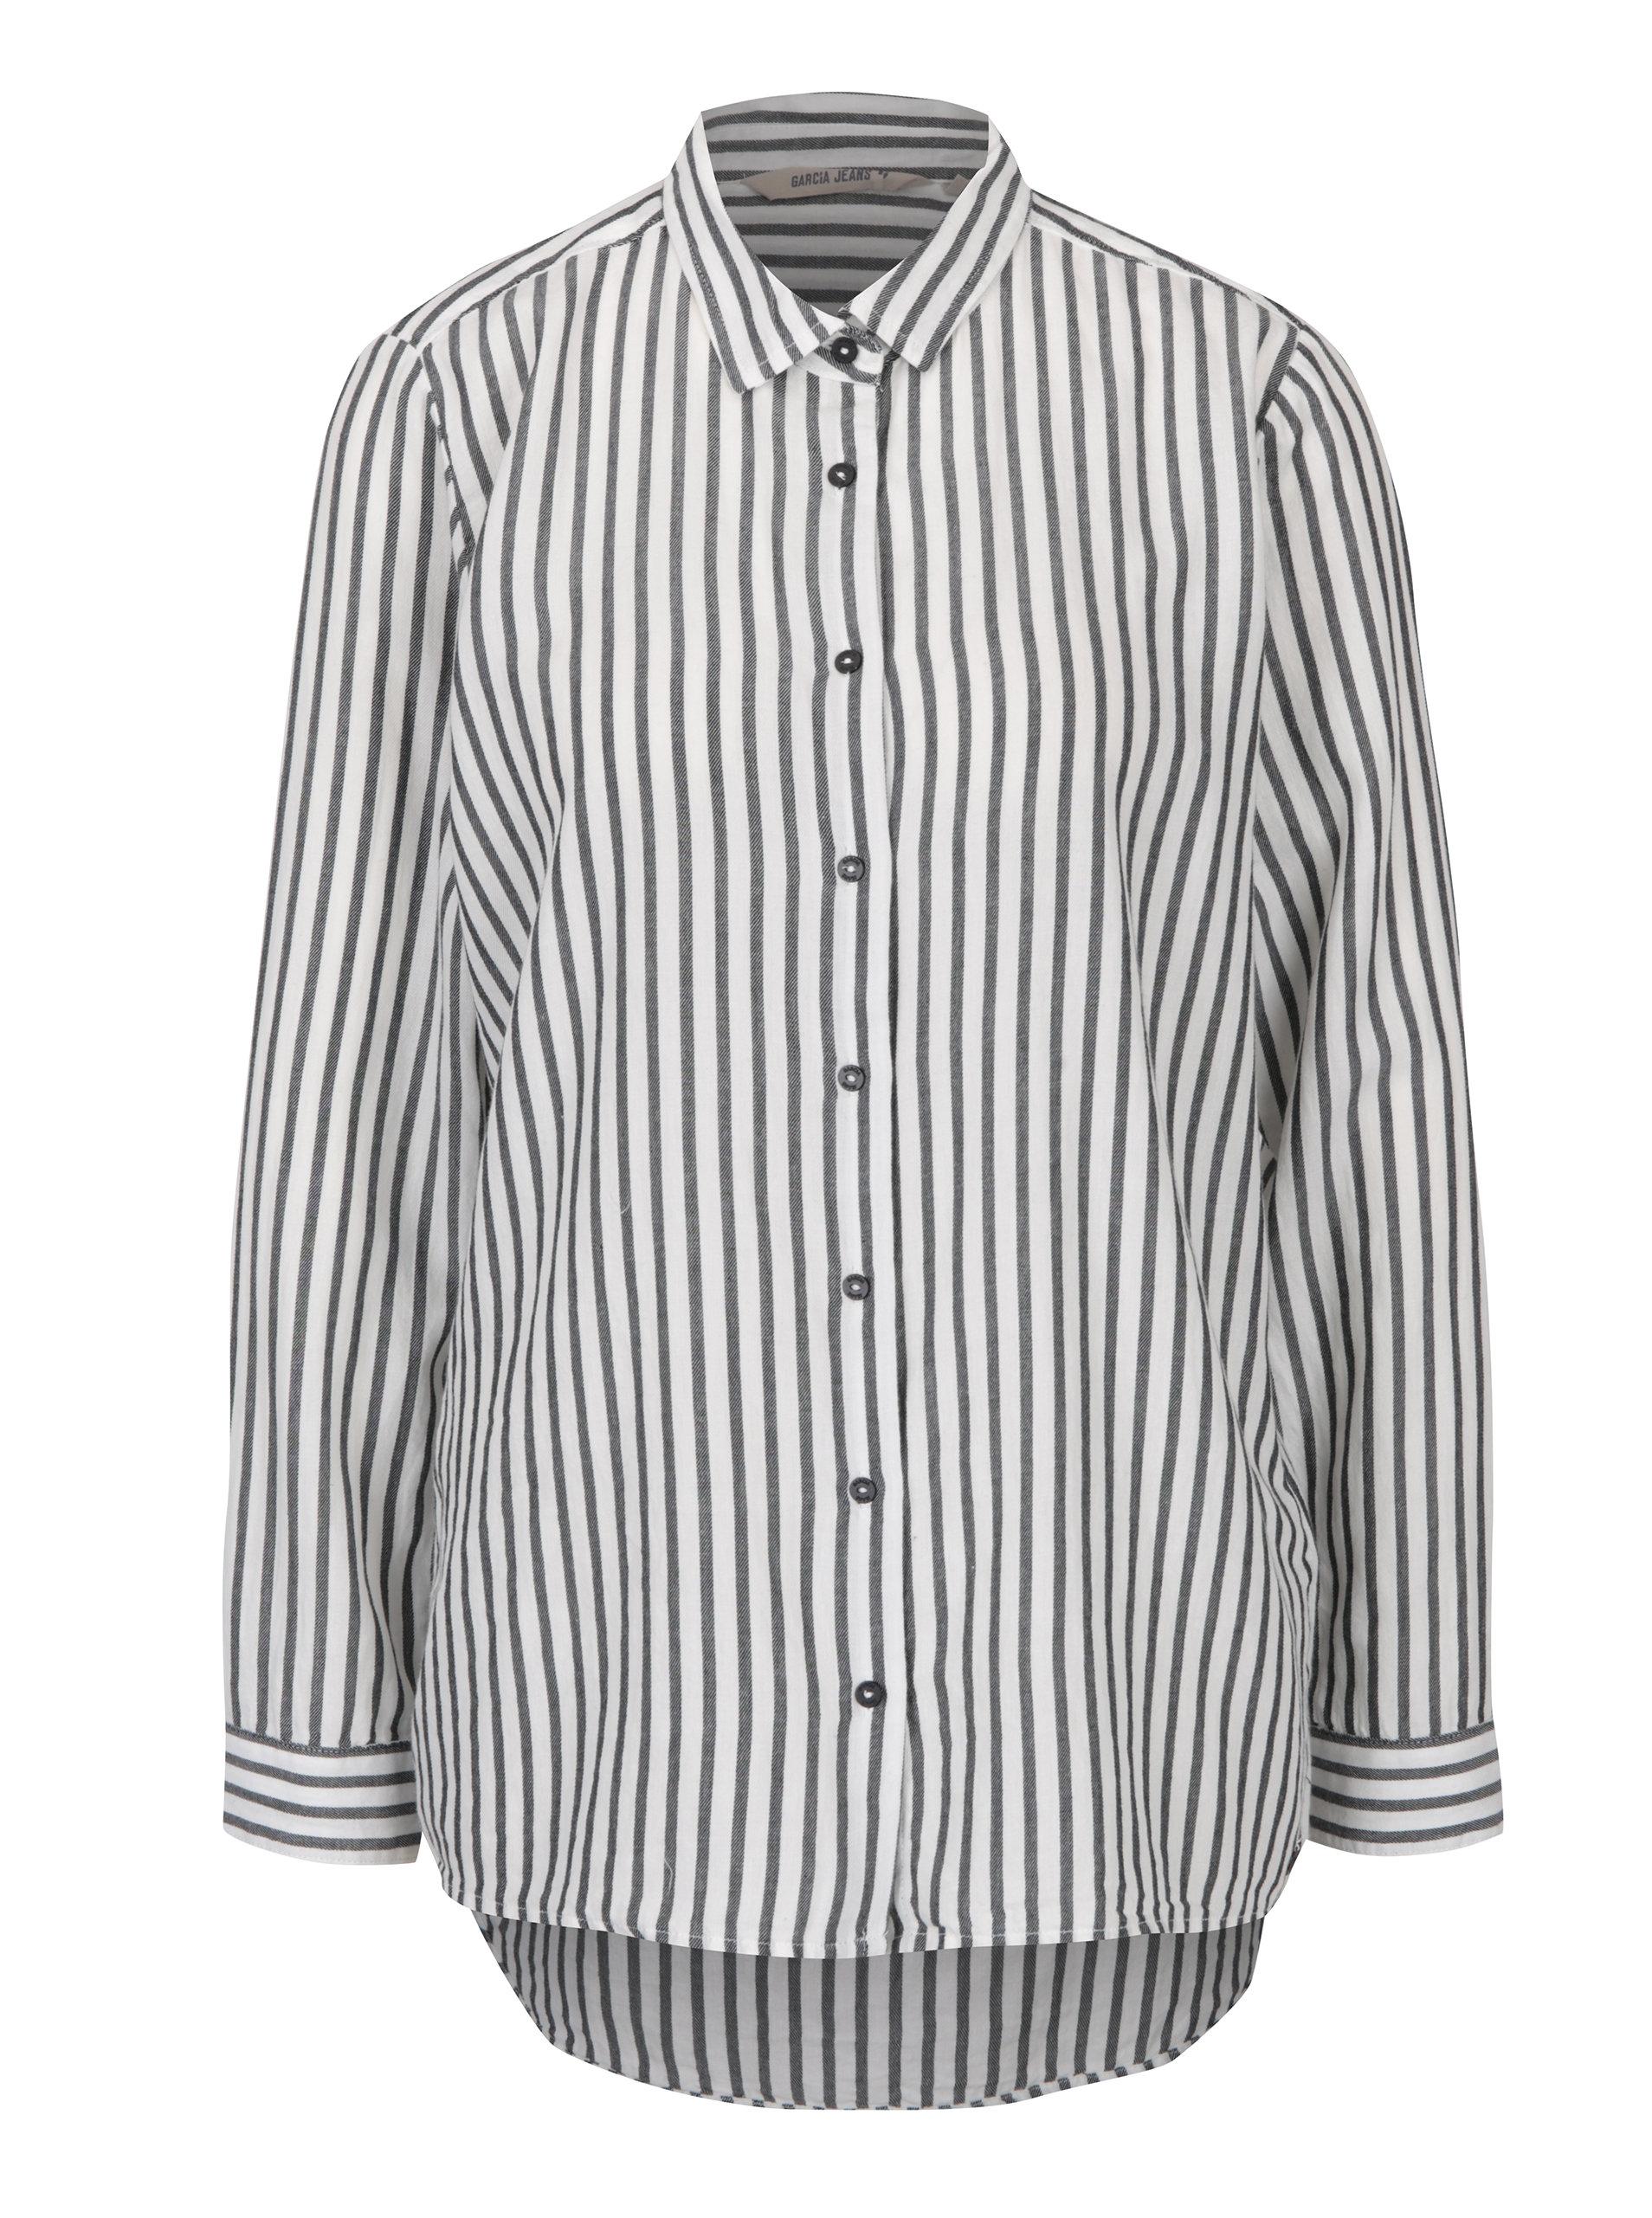 8955cd3ba0da Černo-bílá dámská pruhovaná košile Garcia Jeans ...